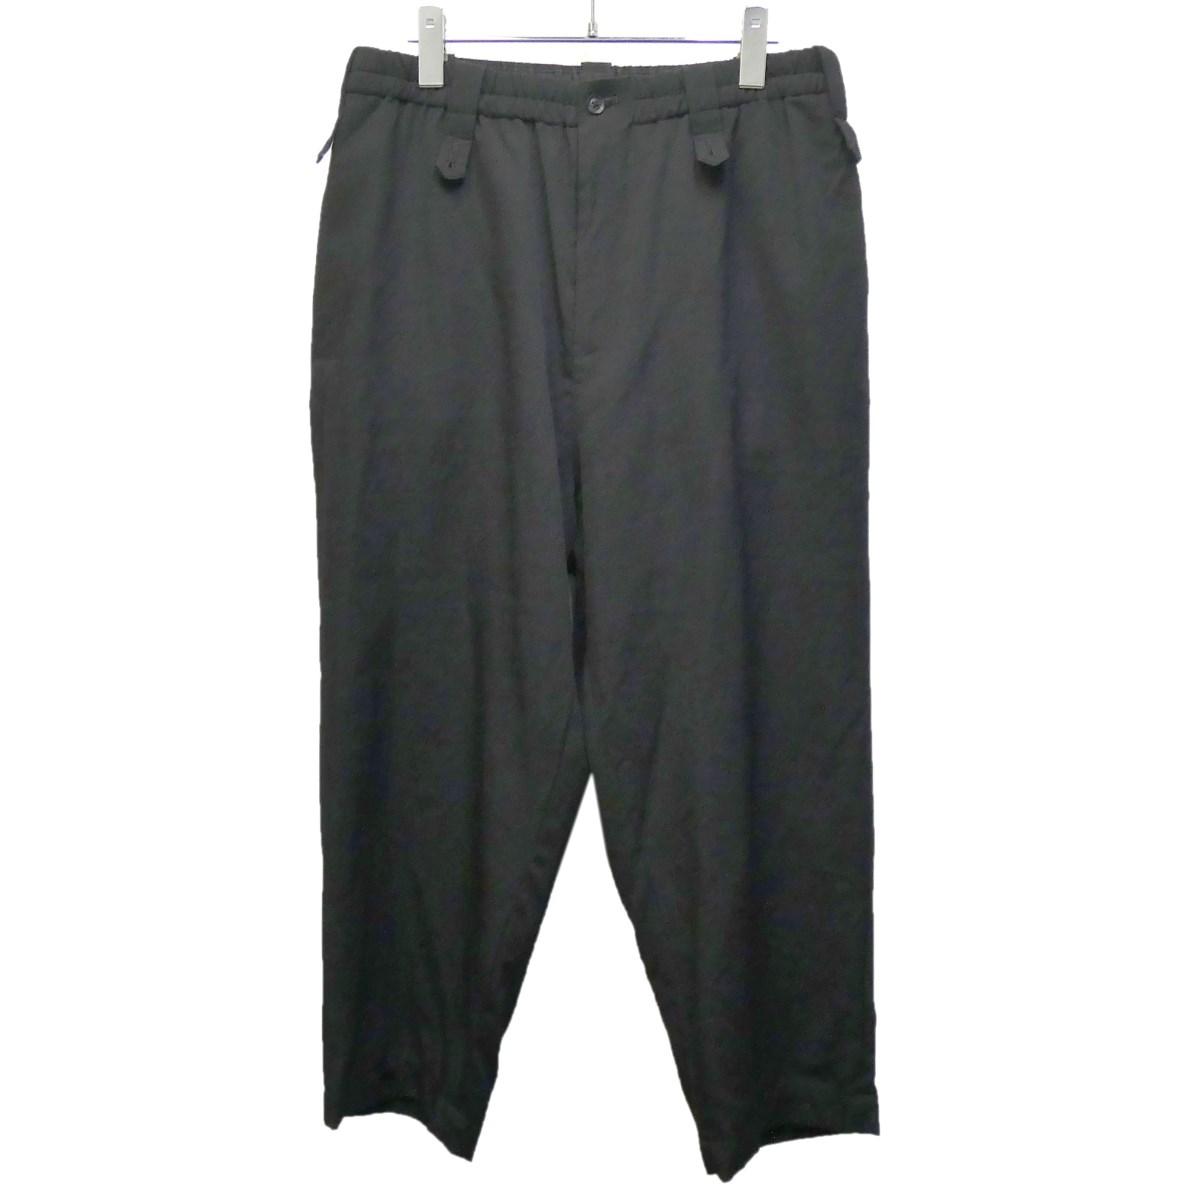 【中古】YOHJI YAMAMOTO pour homme 2018SS 「Back Pleats Slim Pants」 ブラック サイズ:2 【070320】(ヨウジヤマモトプールオム)